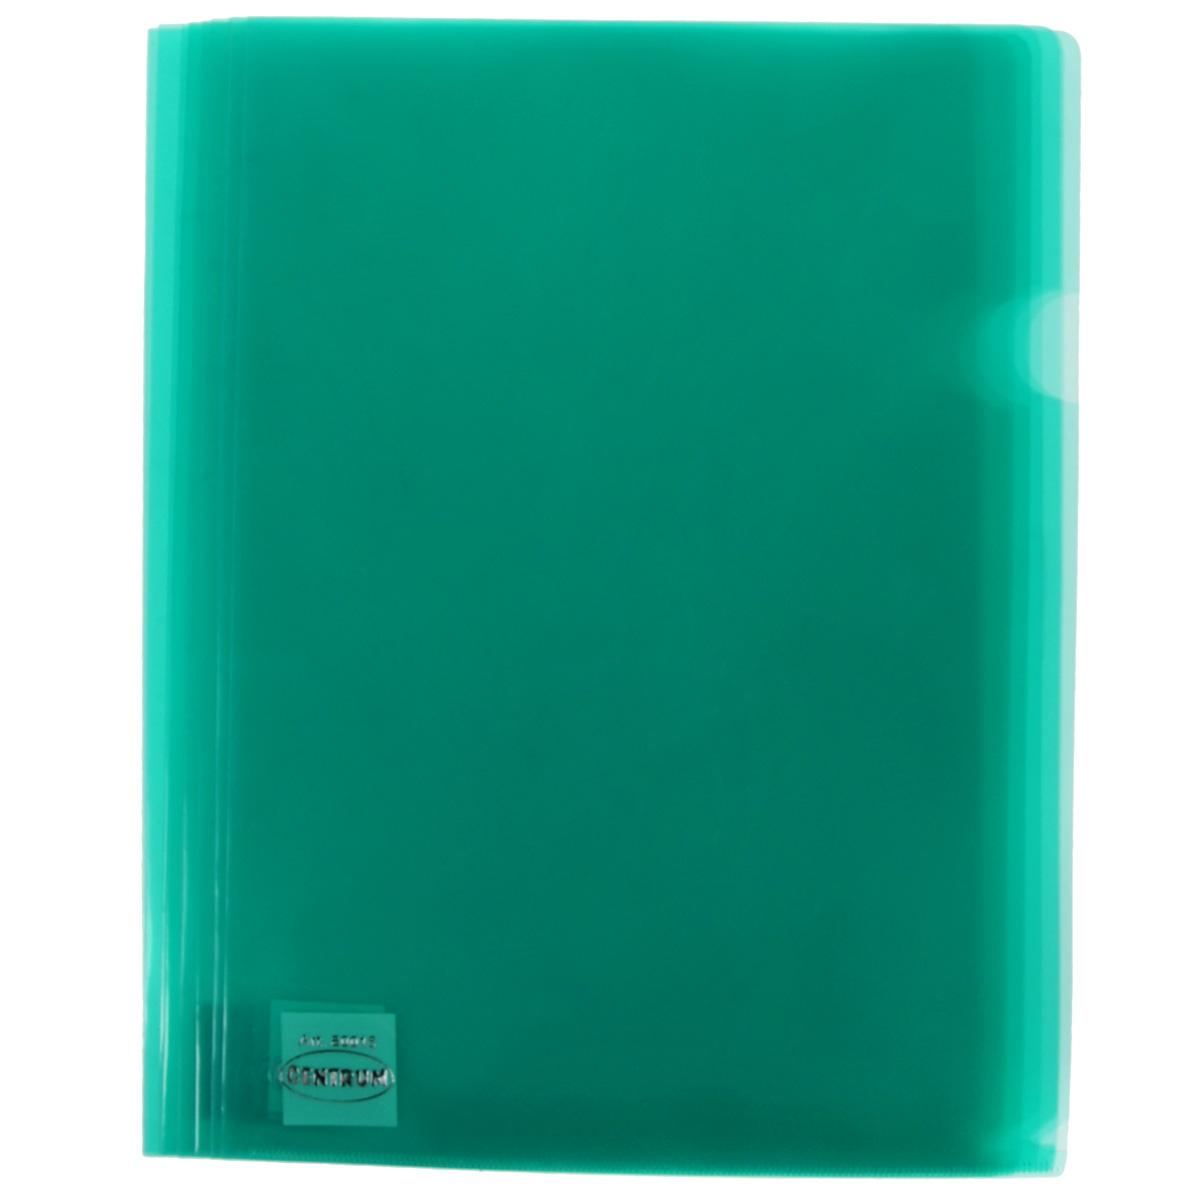 Папка-уголок Сentrum, 3 отделения, цвет: зеленый. Формат А4, 10 штAG4_12317Папка-уголок Centrum - это удобный и практичный офисный инструмент, предназначенный для хранения и транспортировки рабочих бумаг и документов формата А4. Папка изготовлена из прозрачного глянцевого пластика, имеет три отделения с индексами-табуляторами. В комплект входят 10 папок формата А4. Папка-уголок - это незаменимый атрибут для студента, школьника, офисного работника. Такая папка надежно сохранит ваши документы и сбережет их от повреждений, пыли и влаги.